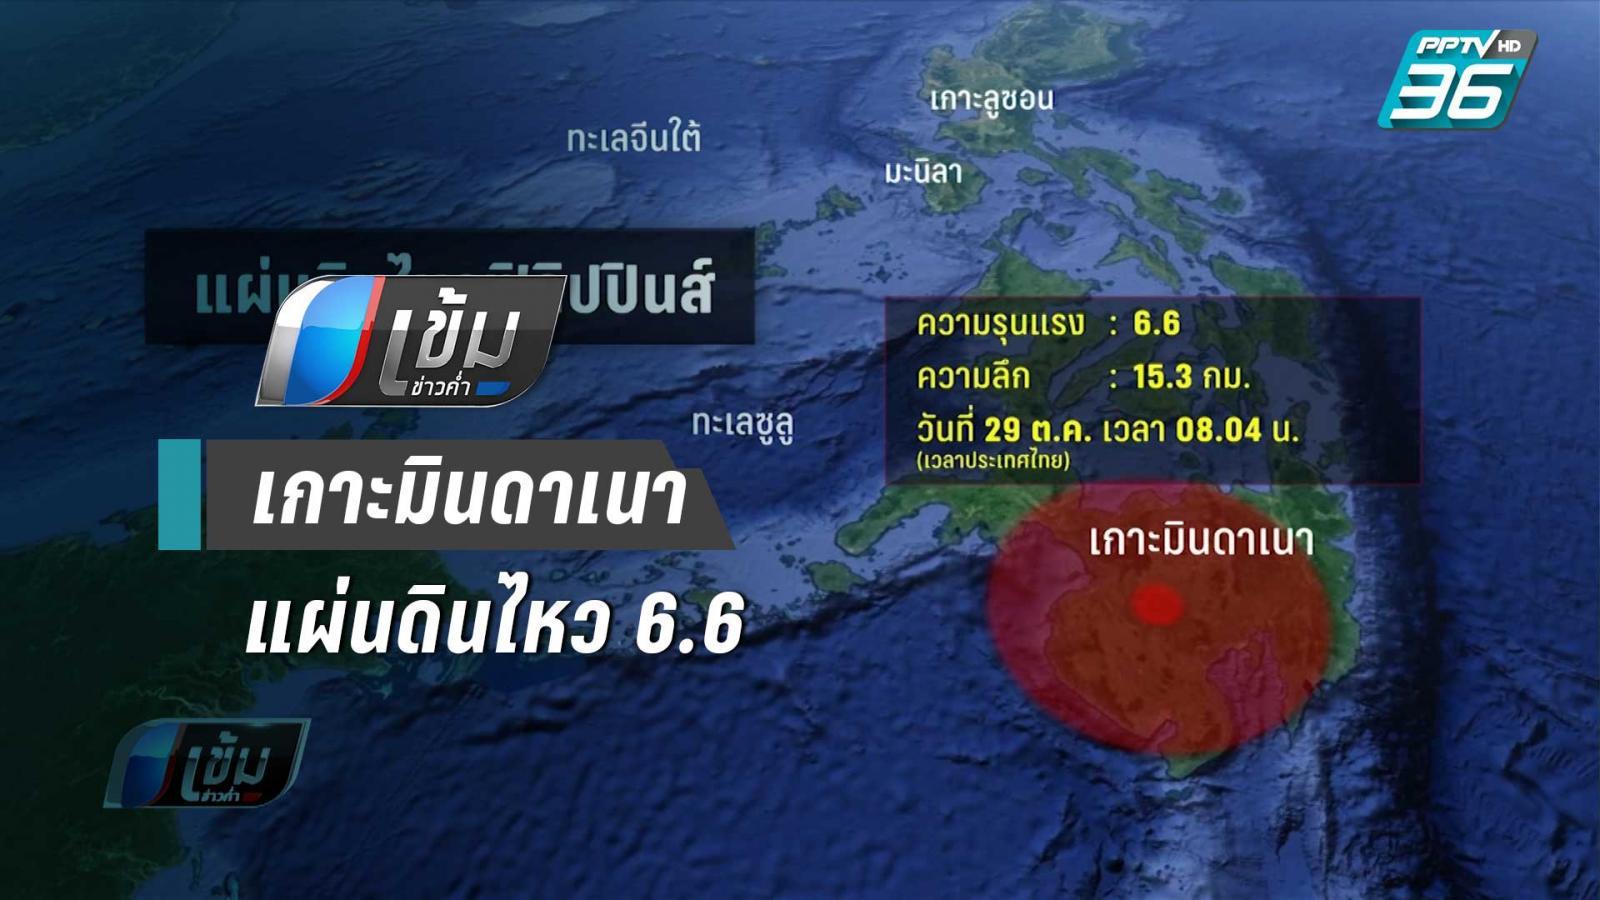 แผ่นดินไหว 6.6 เขย่าตอนใต้ฟิลิปปินส์ ตายแล้ว 4 คน